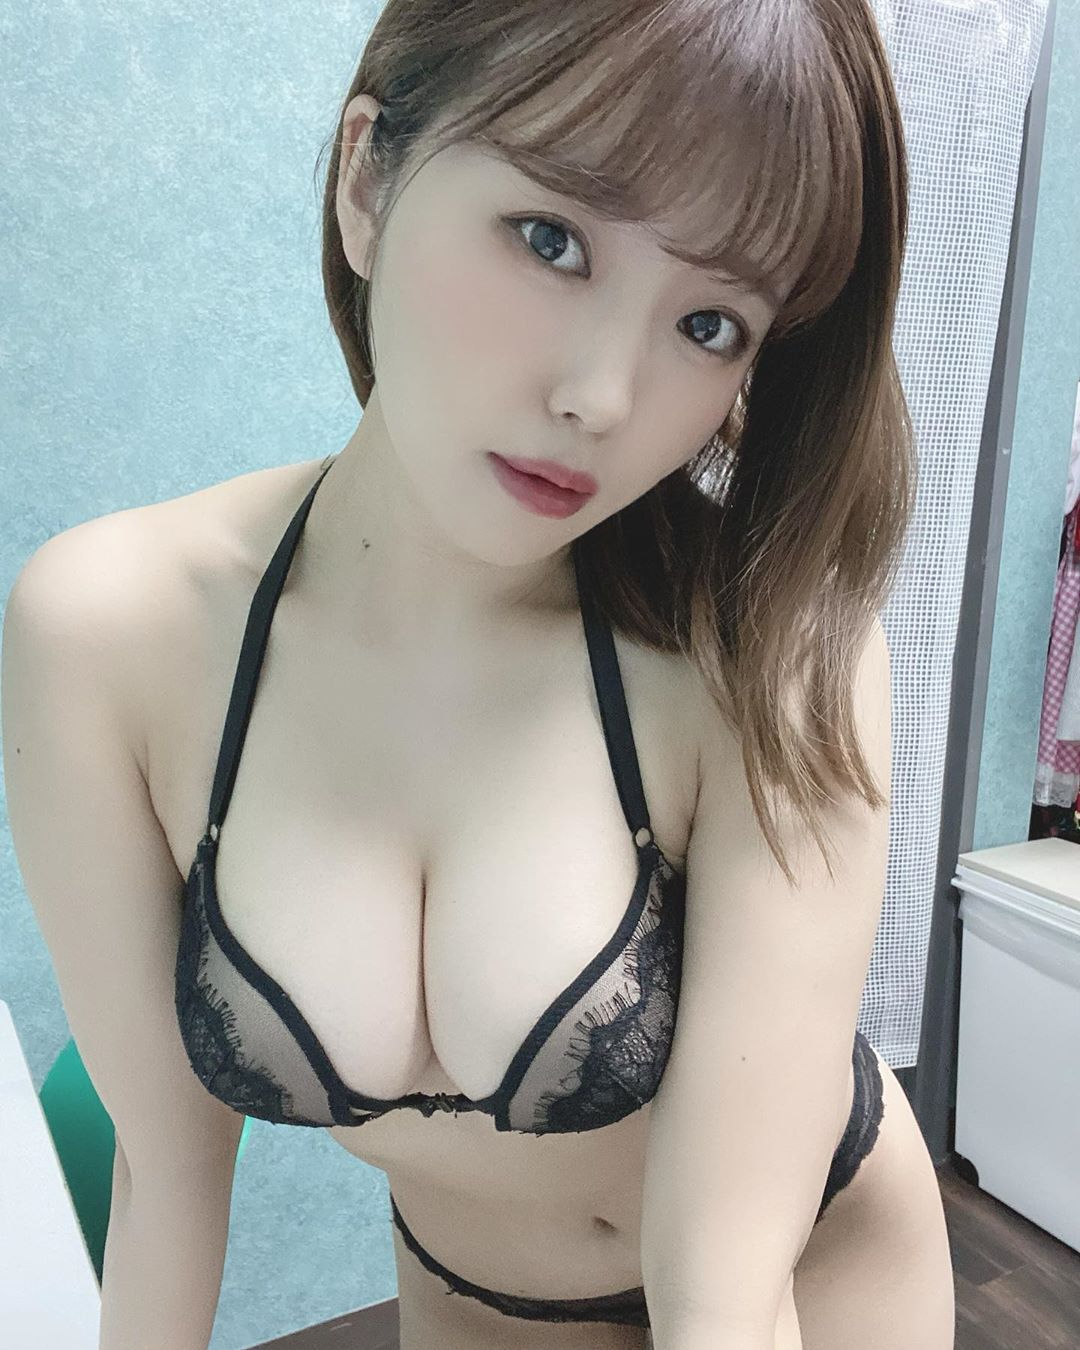 日本美女大生桜田なな半露酥胸放送性感上帝视角 养眼图片 第6张